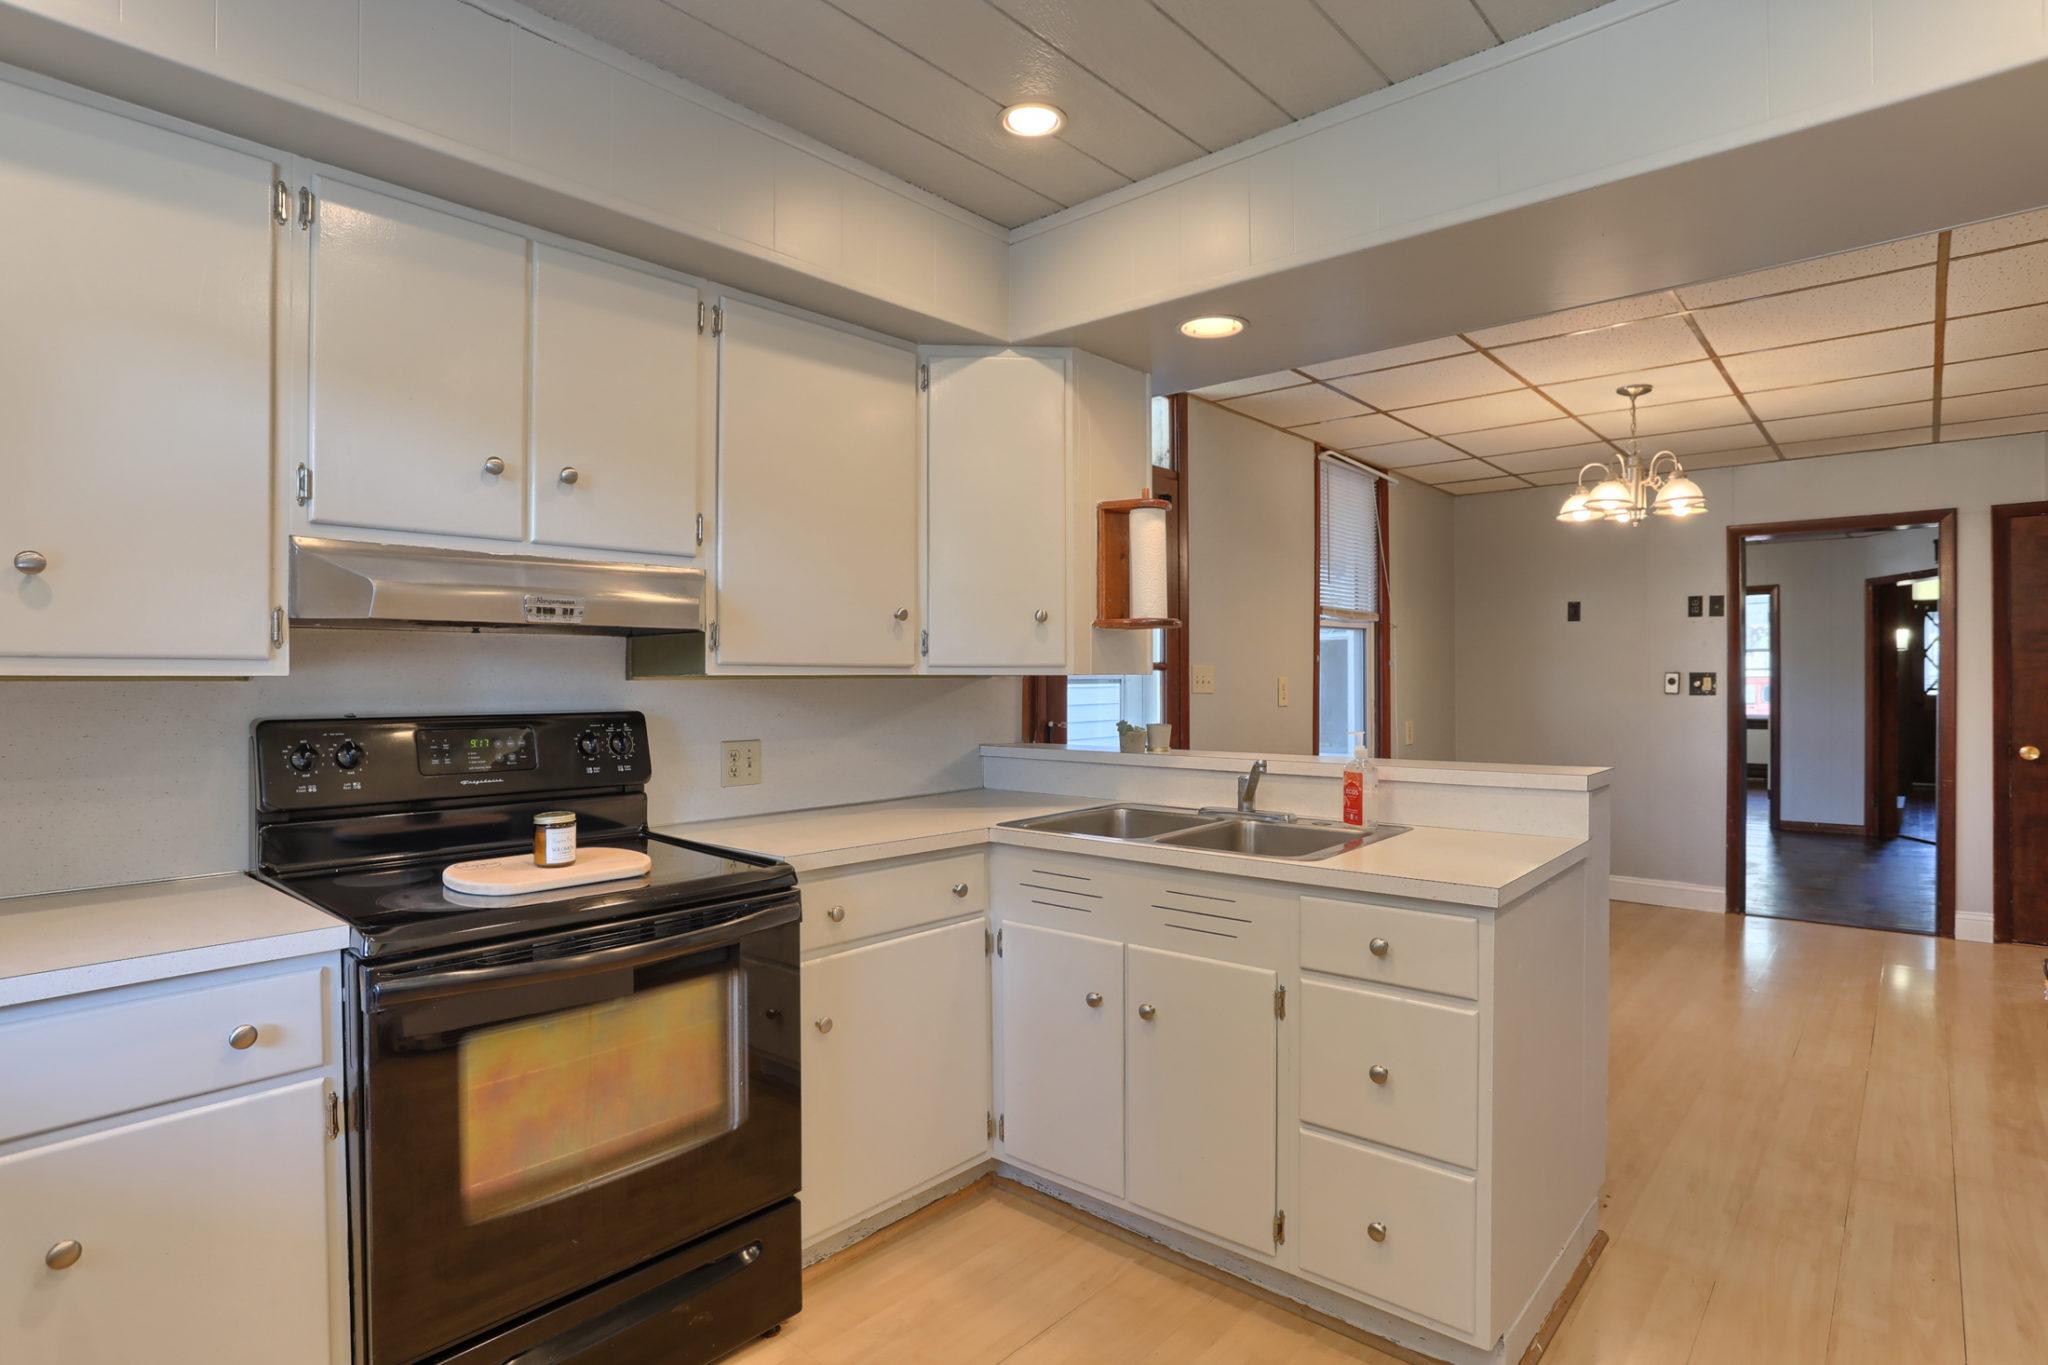 12 E. Maple Avenue - Kitchen/Dining Area 7